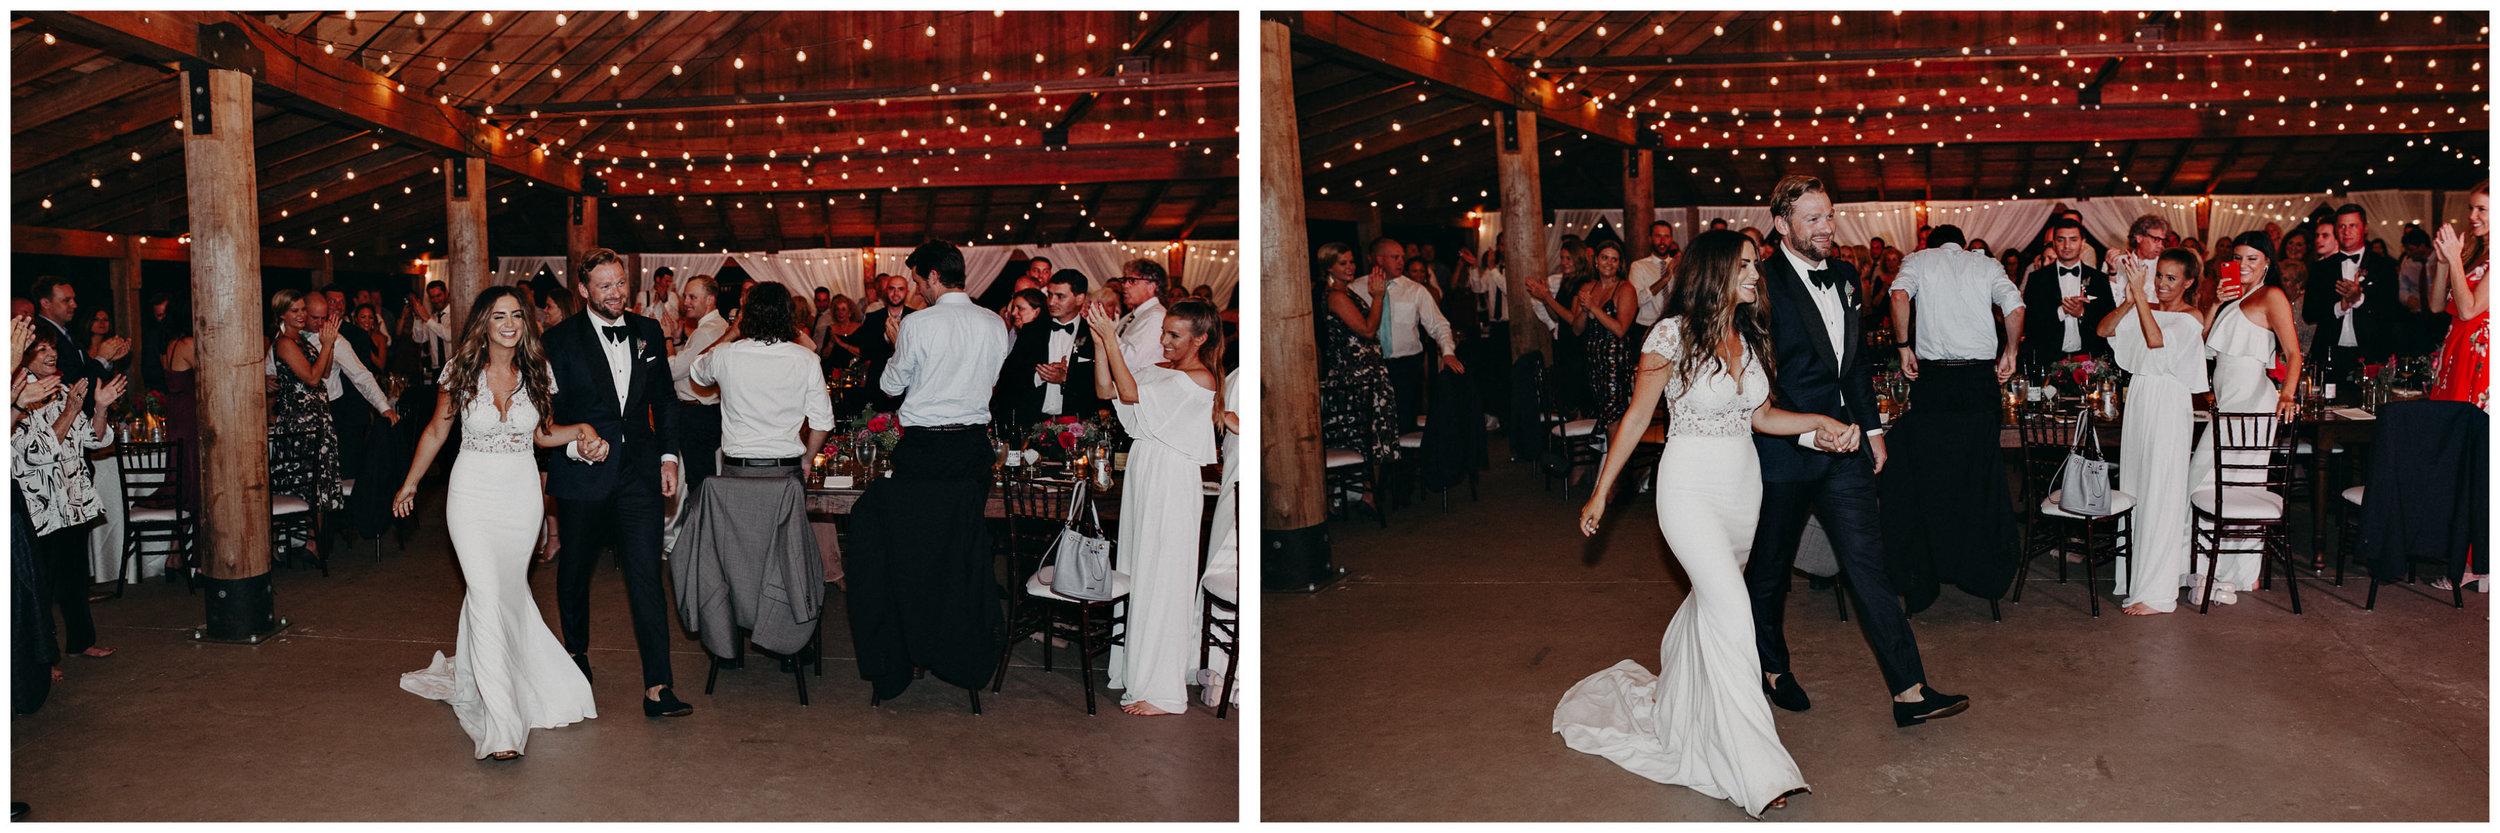 116 - First Dance wedding serenbi farms atlanta .jpg